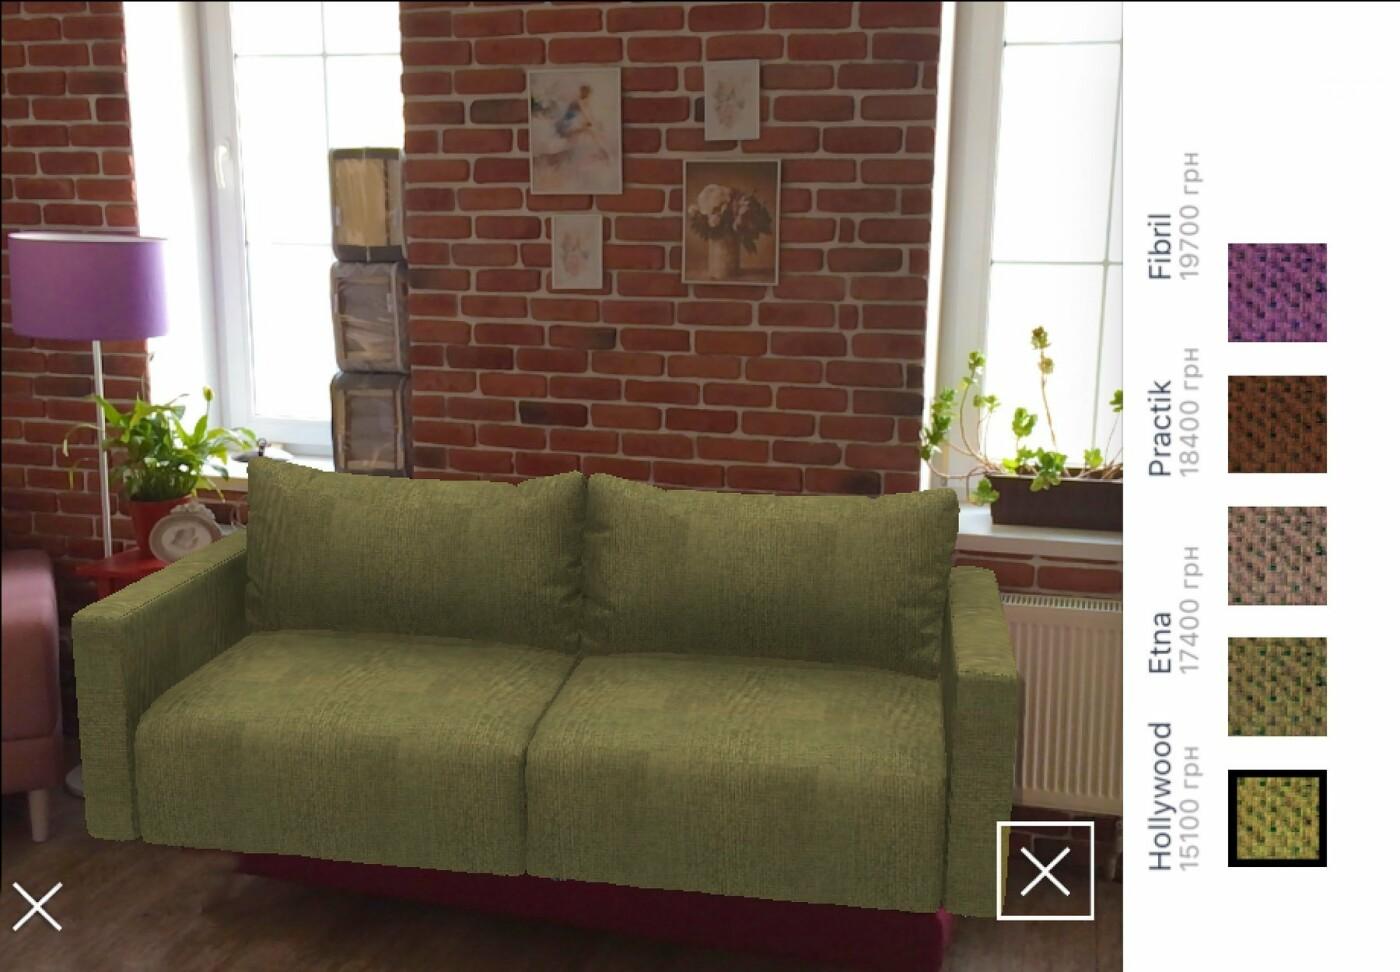 Инновационный инструмент для комфортного выбора мягкой мебели от Pufetto, фото-3